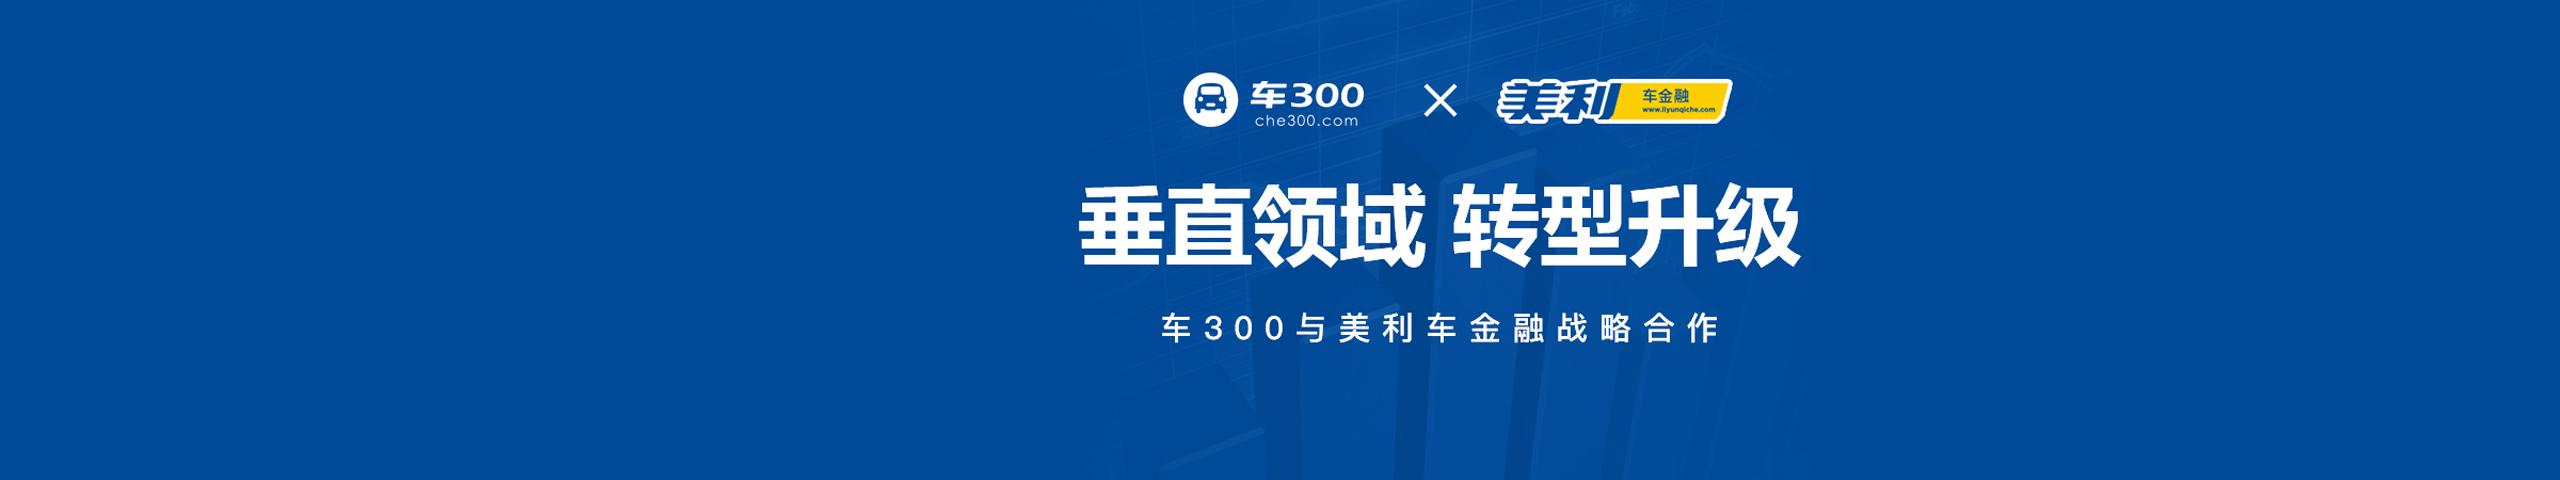 车300与美利车金融达成战略合作